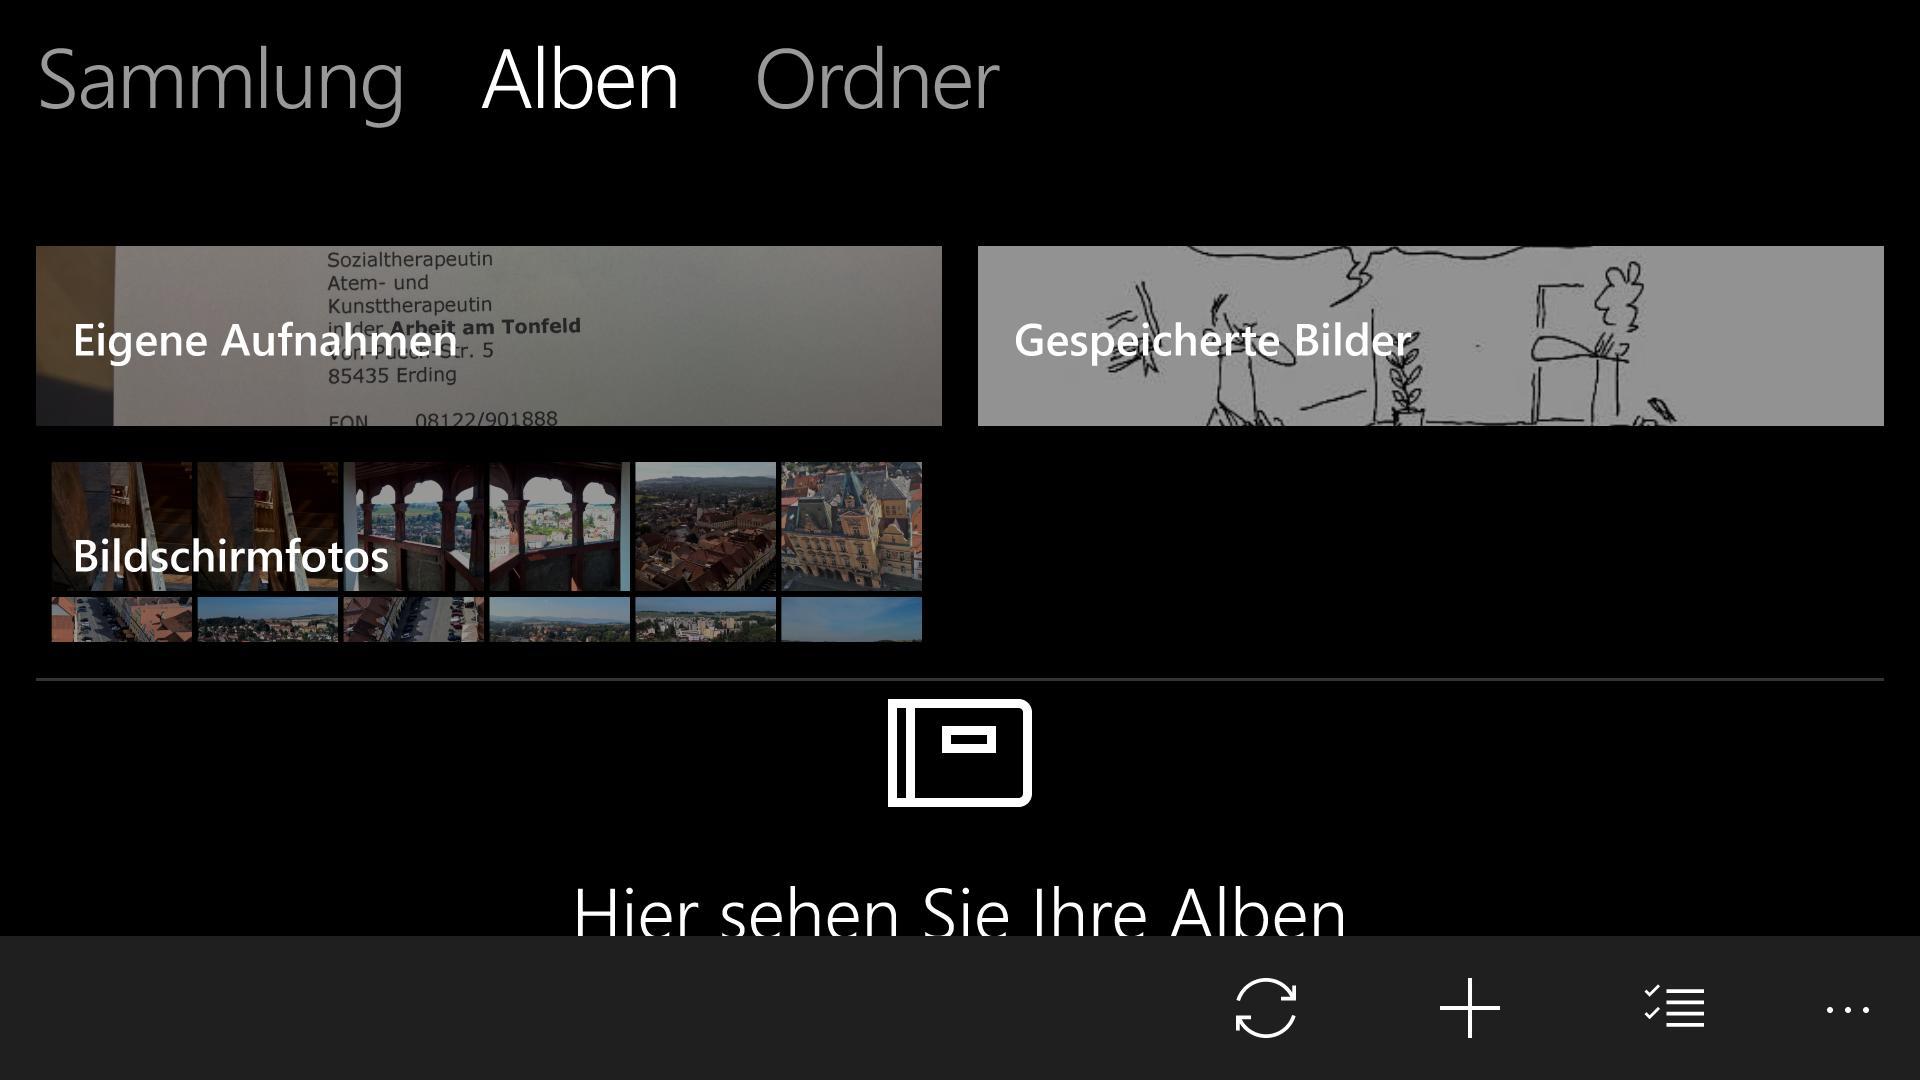 Foto App Update